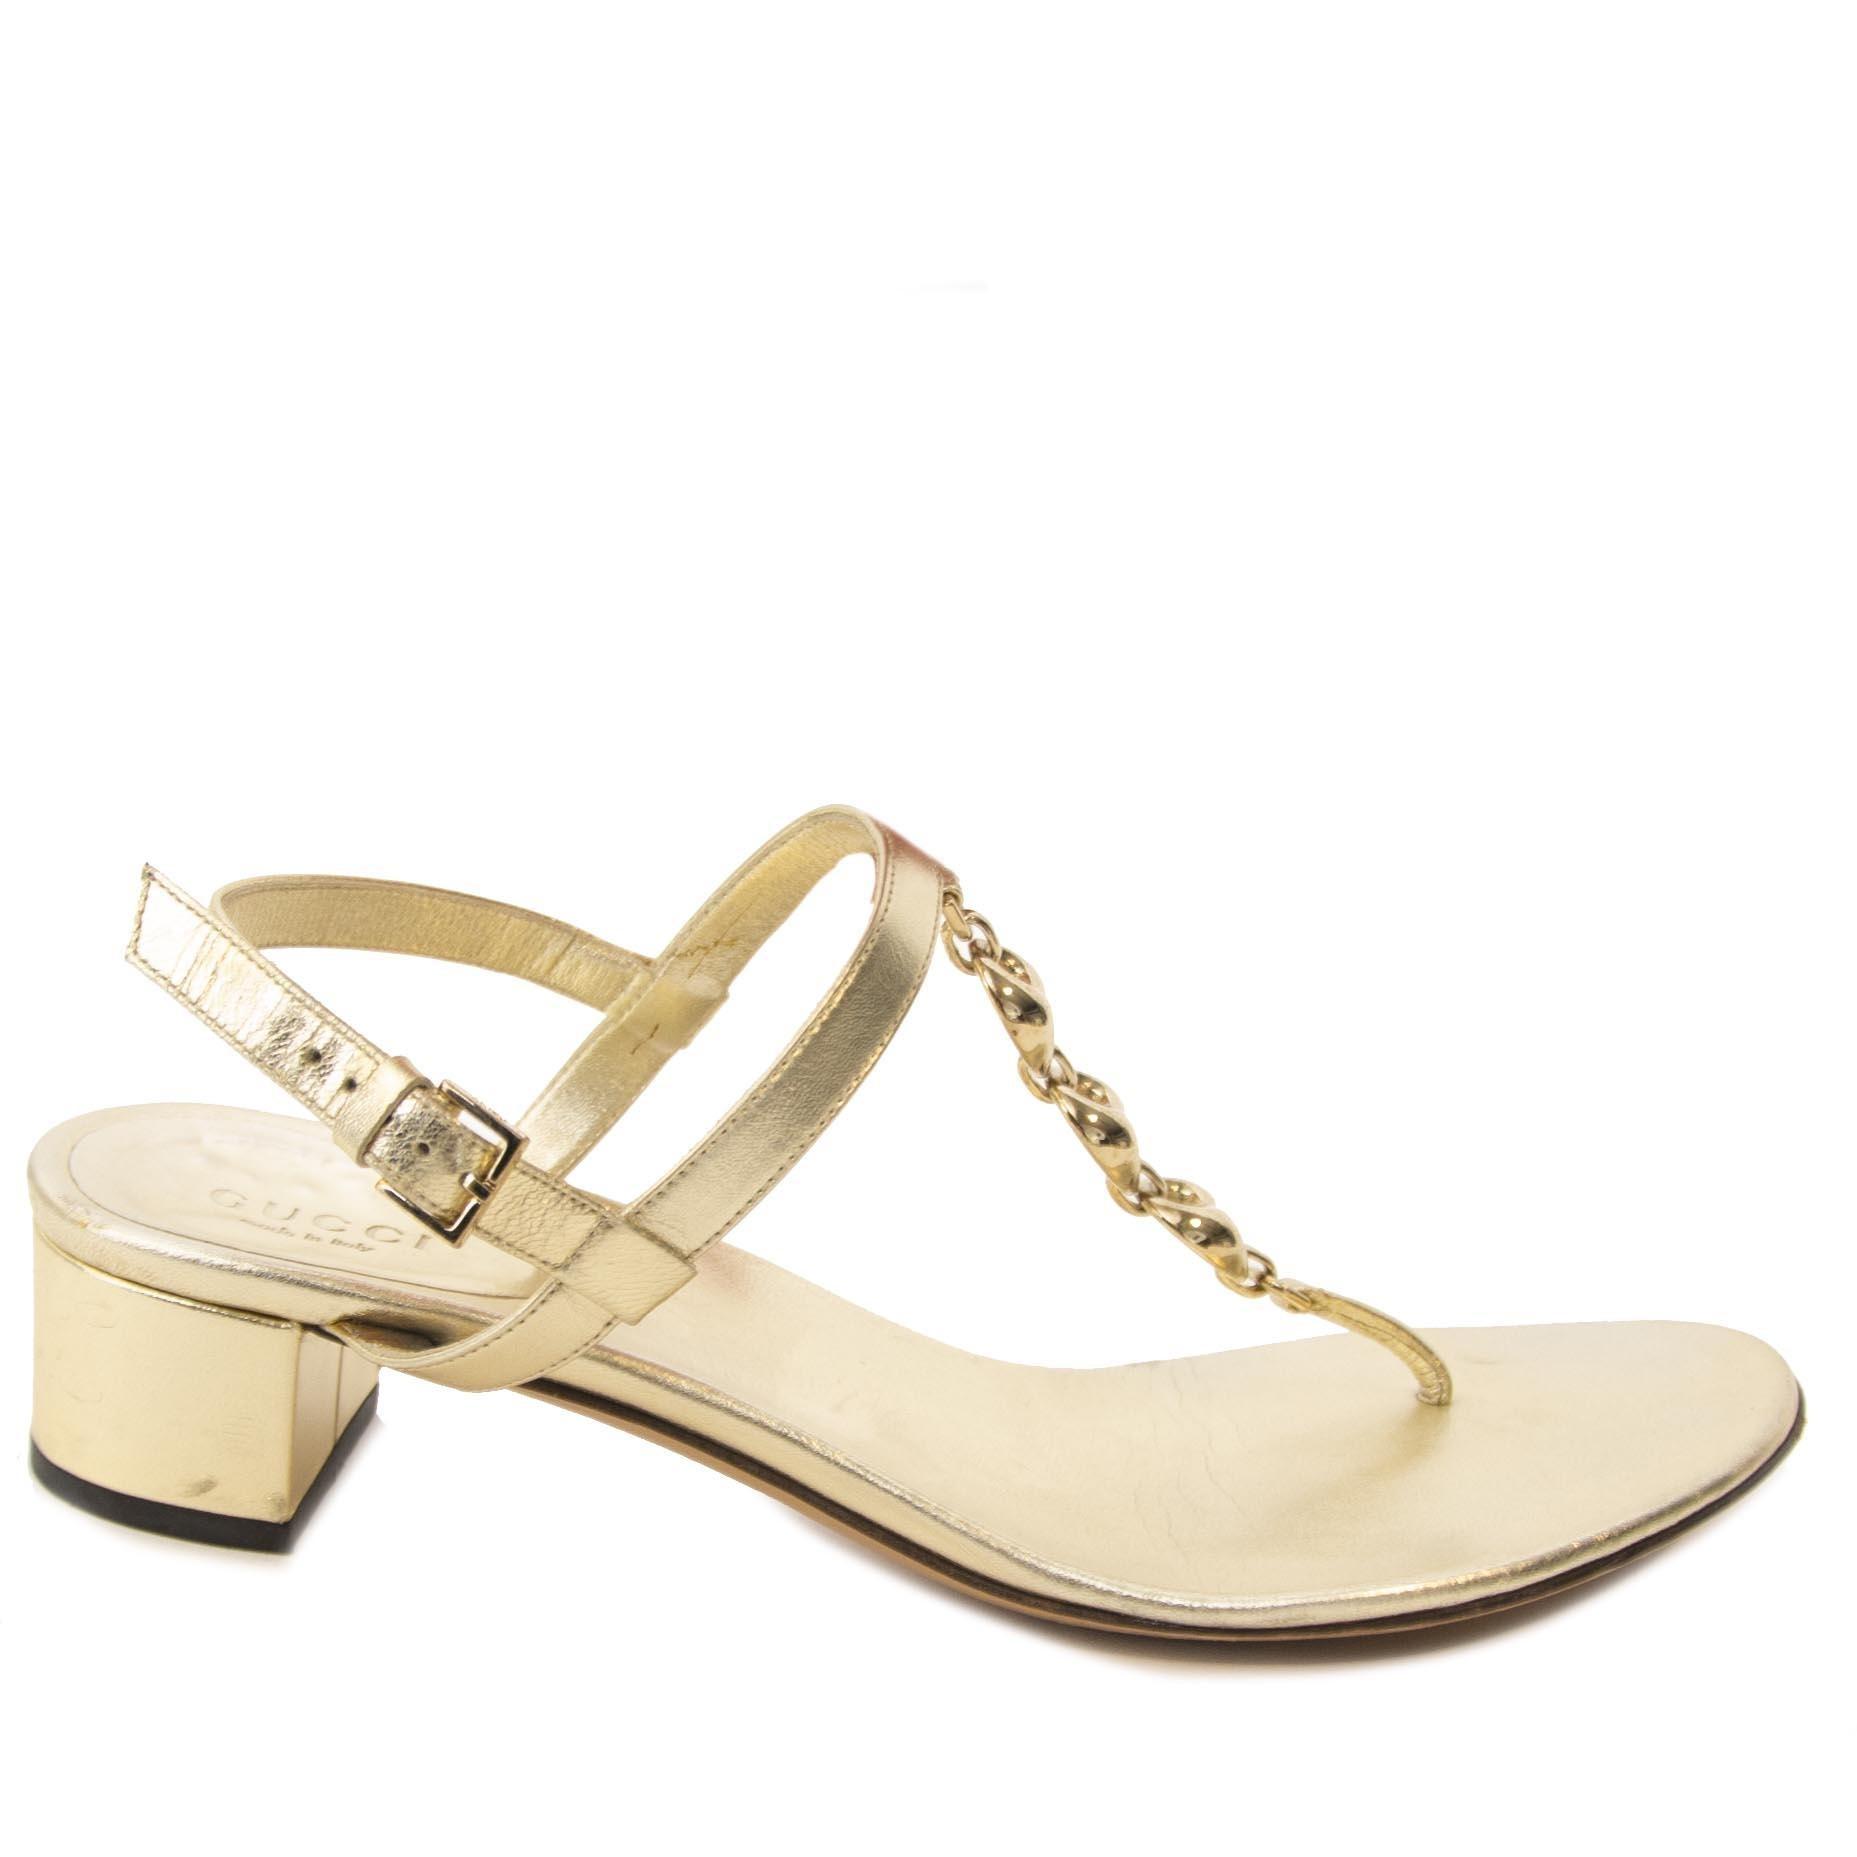 0f31434814e Gucci Gold Sandals - Size 37